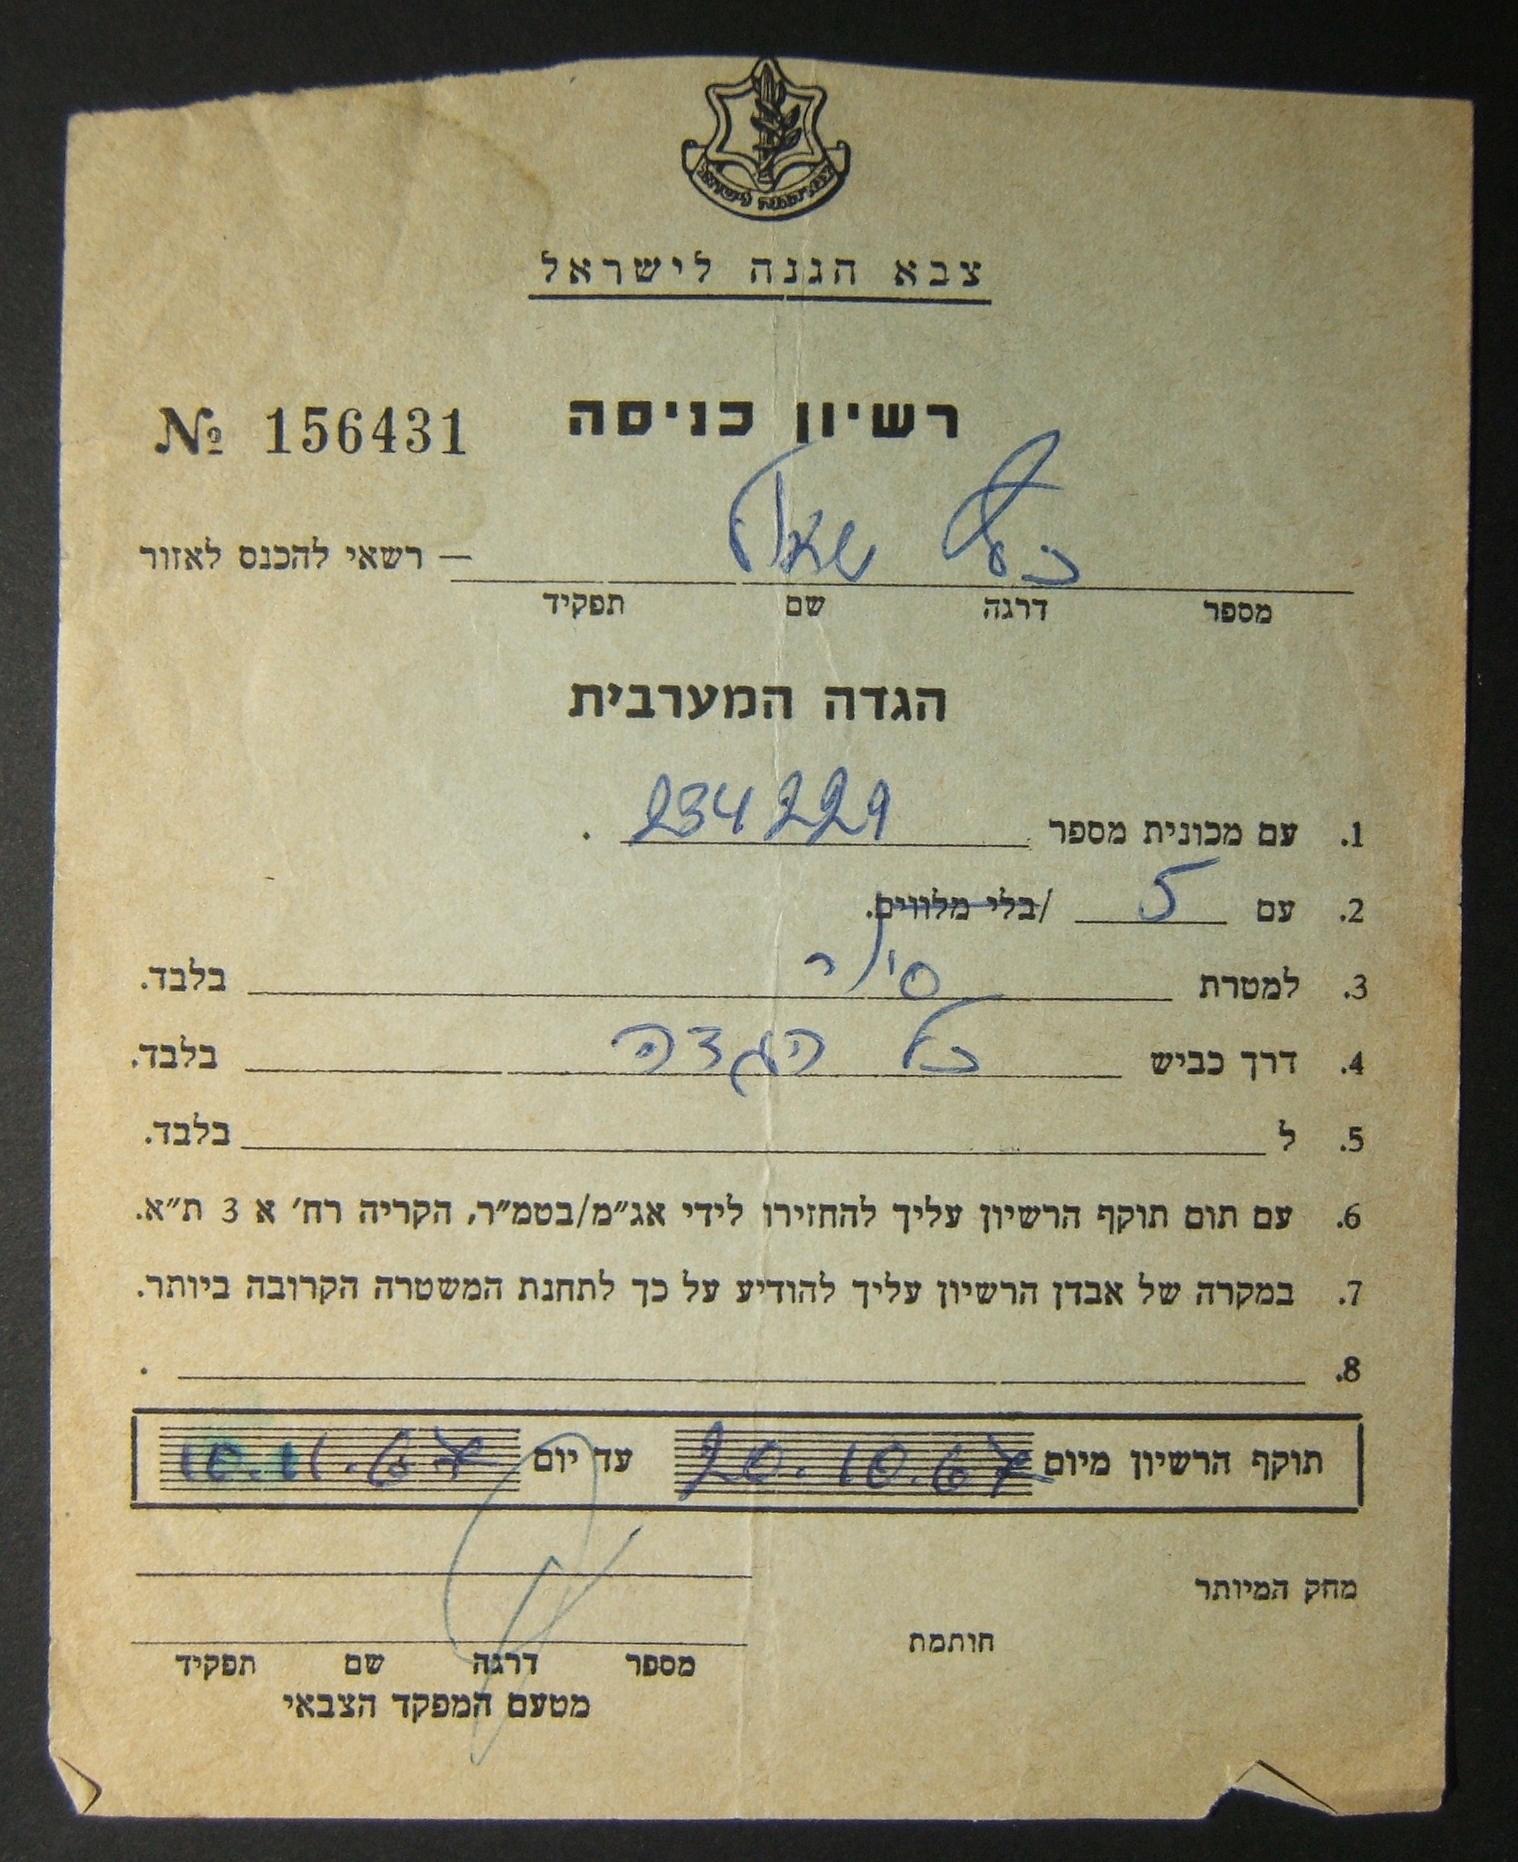 """אישורי כניסה של הצבא הישראלי / צה""""ל לכבוש הגדה המערבית, אוקטובר 1967"""